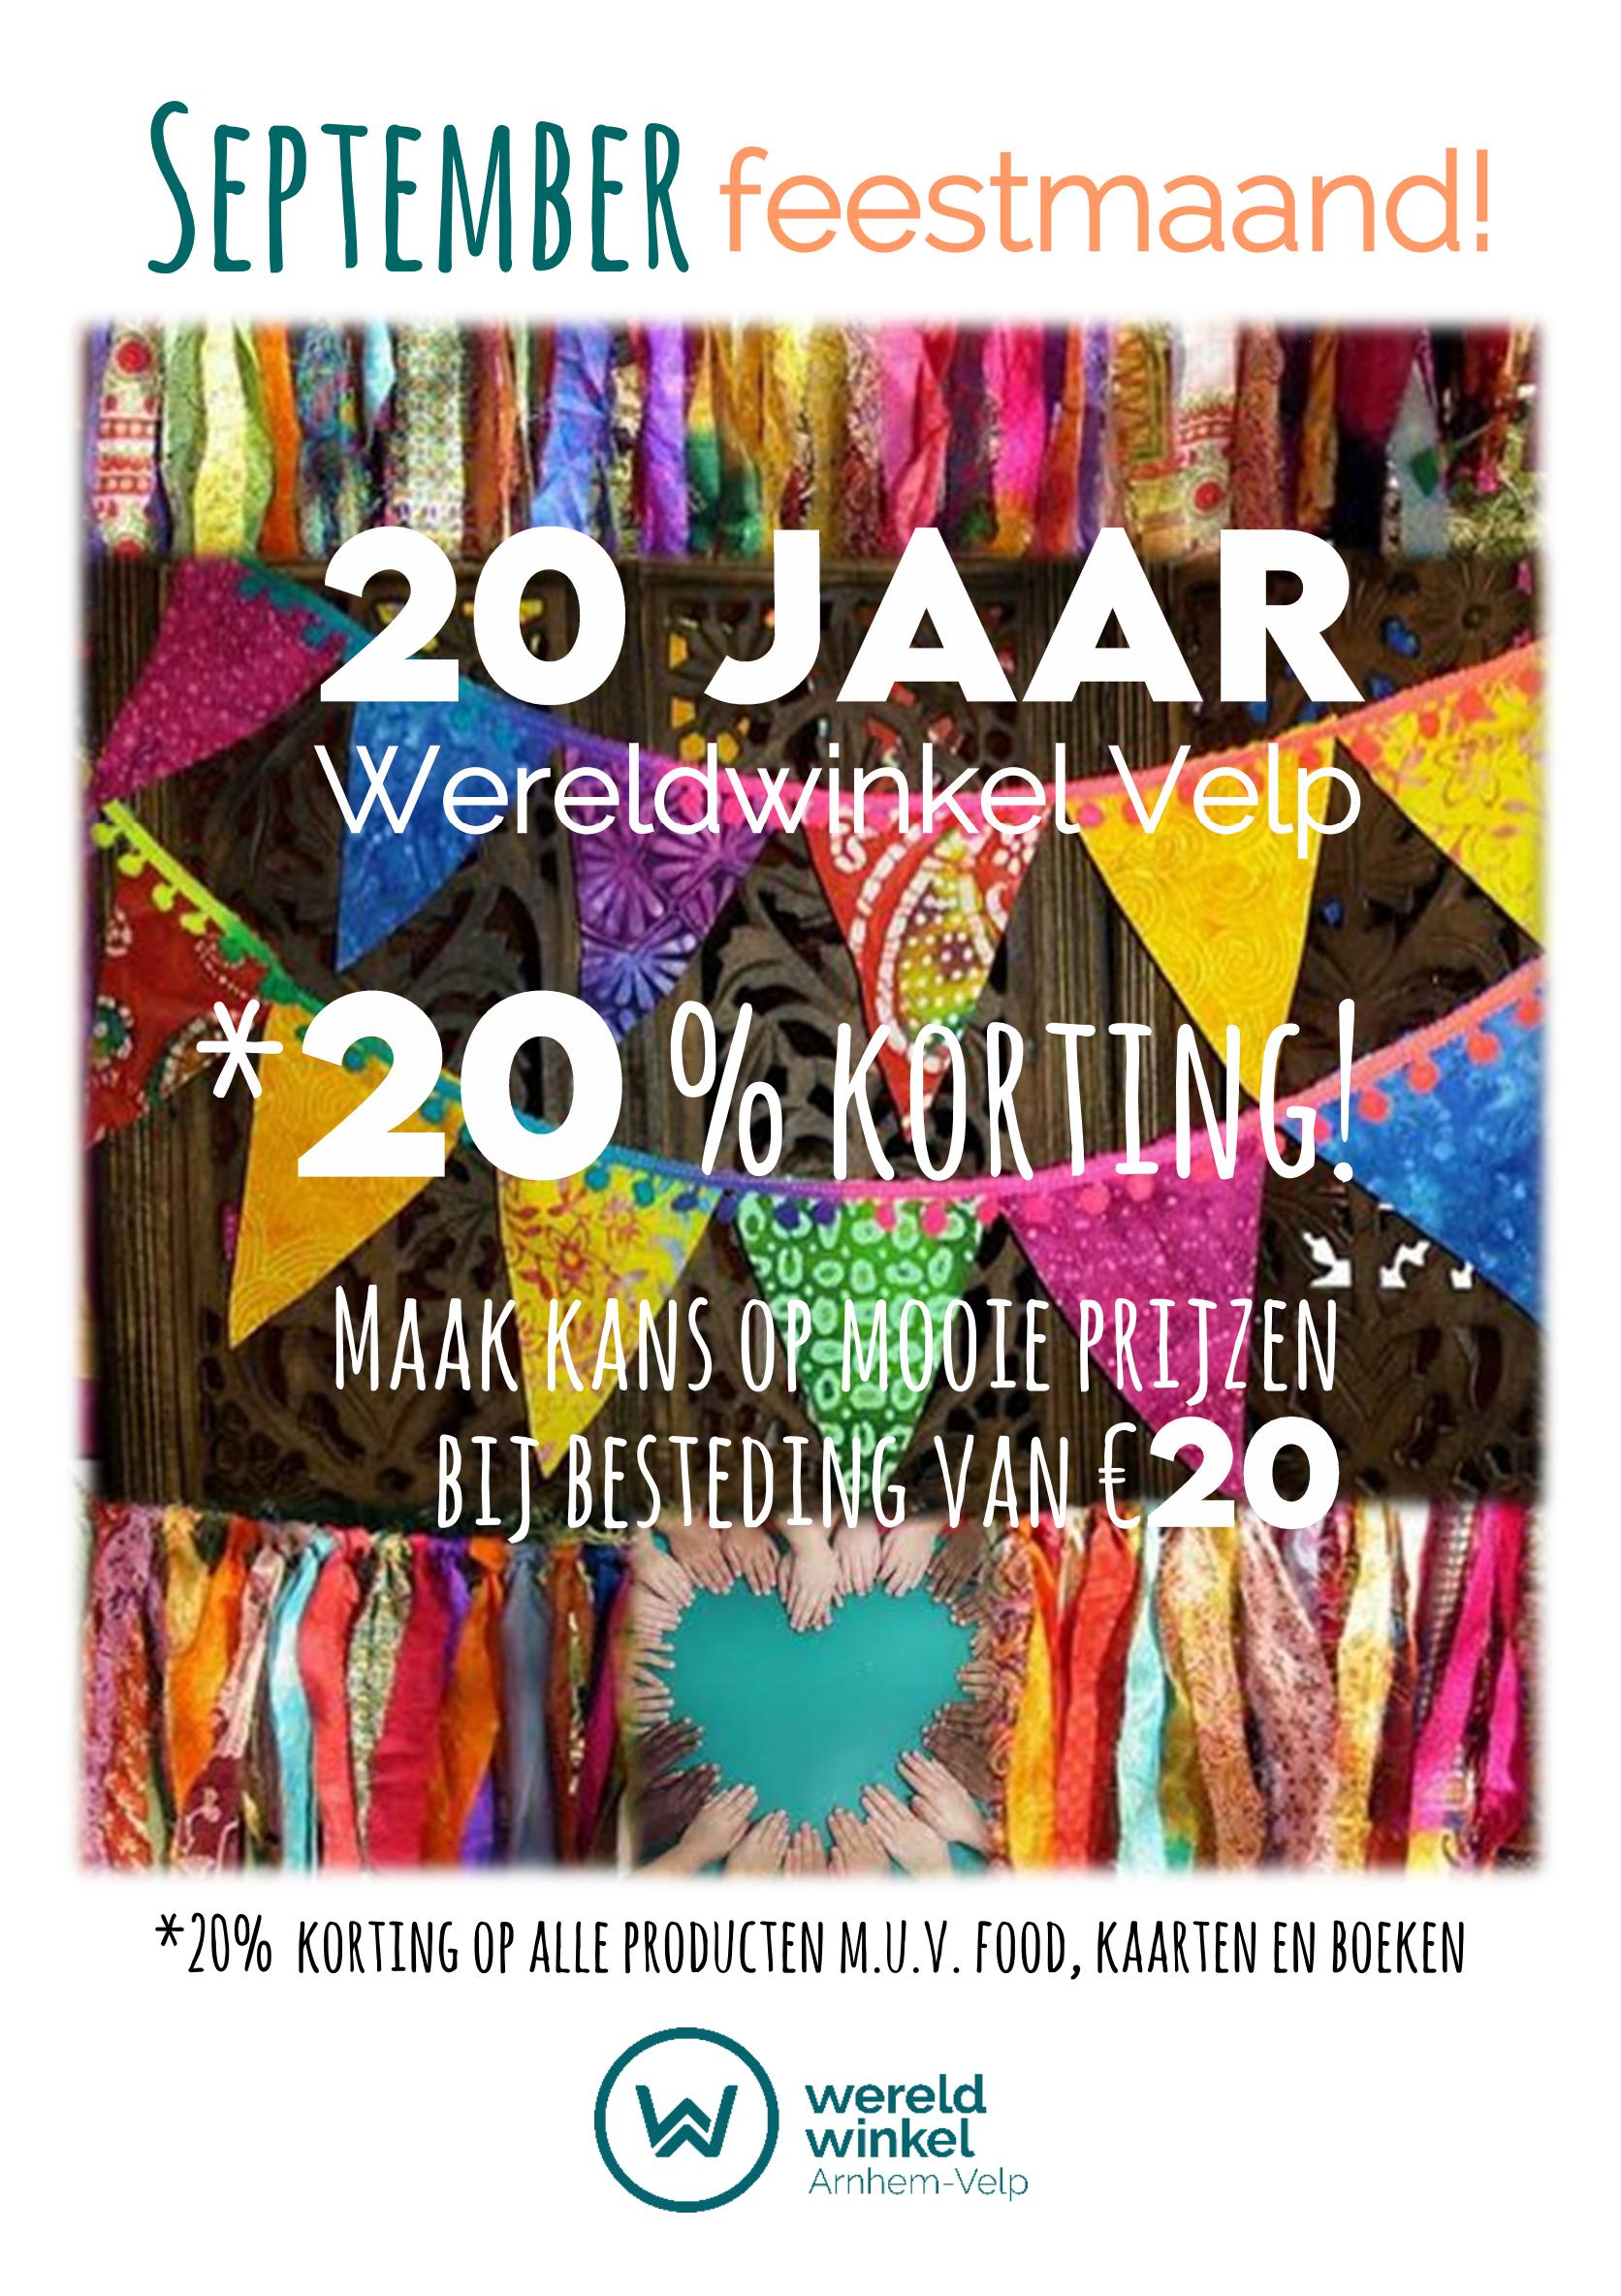 Wereldwinkel Velp bestaat 20 jaar